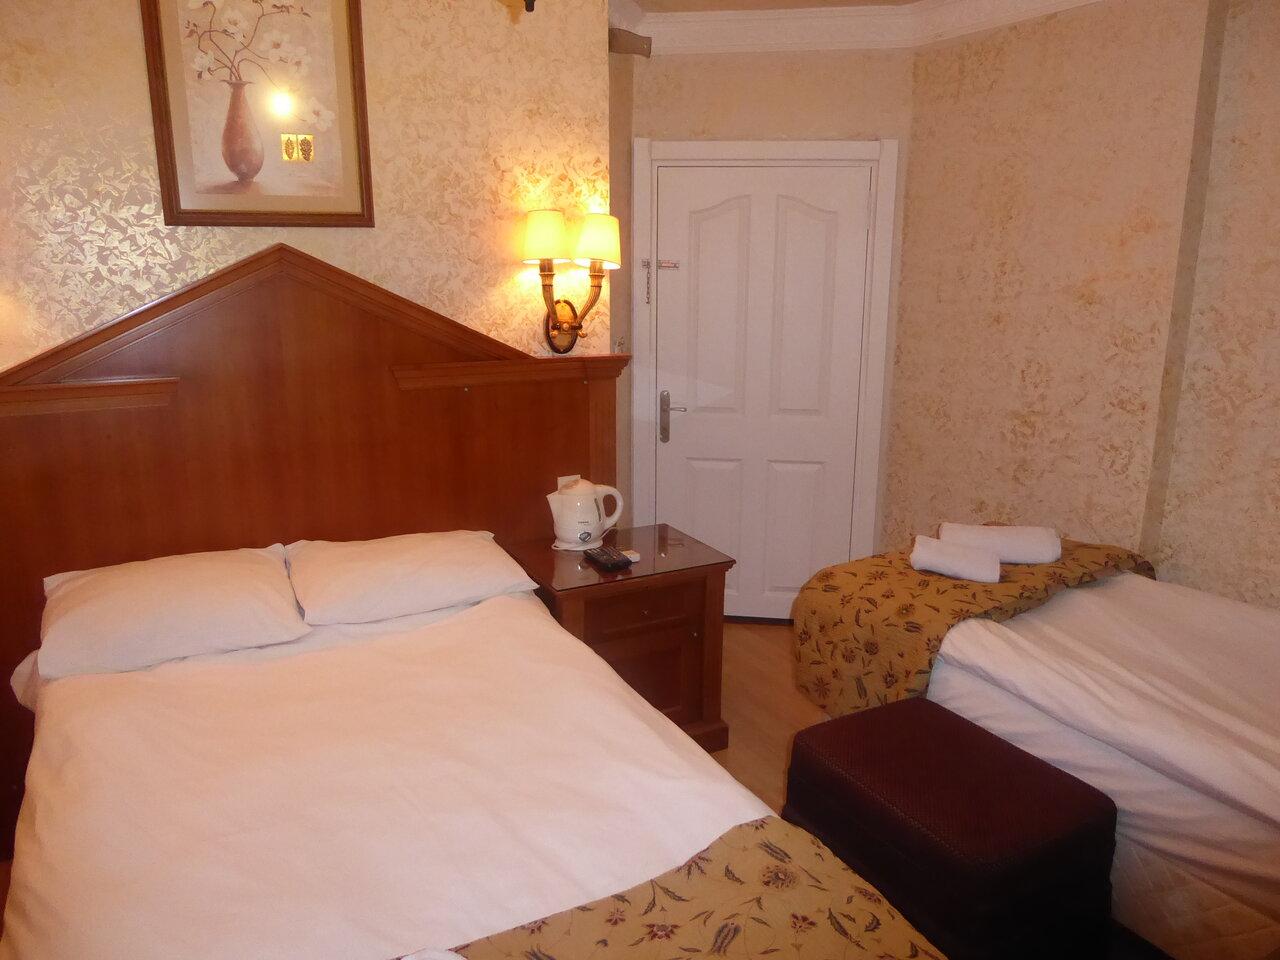 Kestrel Park Hotel